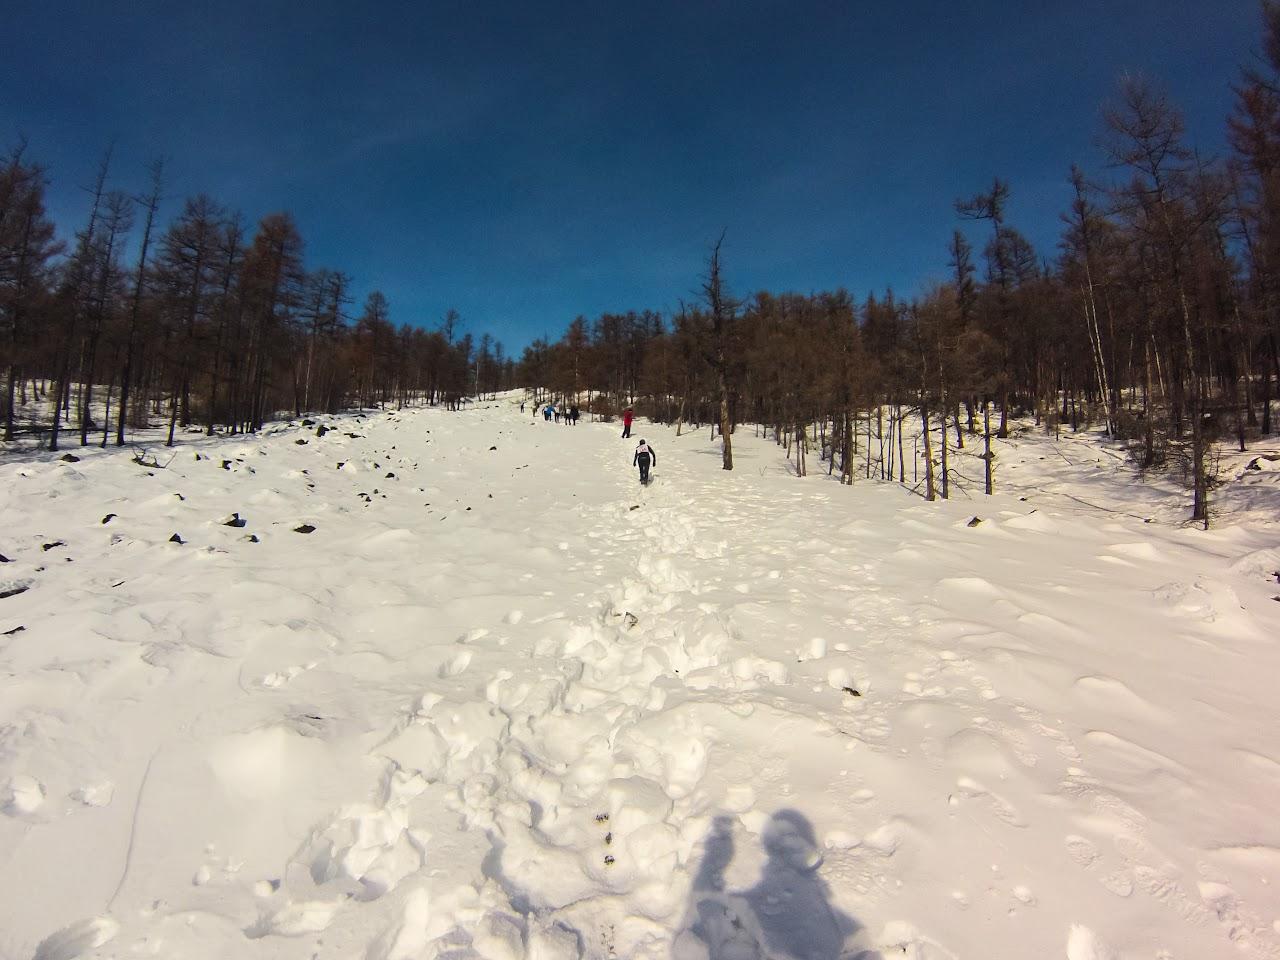 Подъем на голец Саранакан 23 февраля 2017 - Алея усыпанная камнями скрытыми под слоем снега